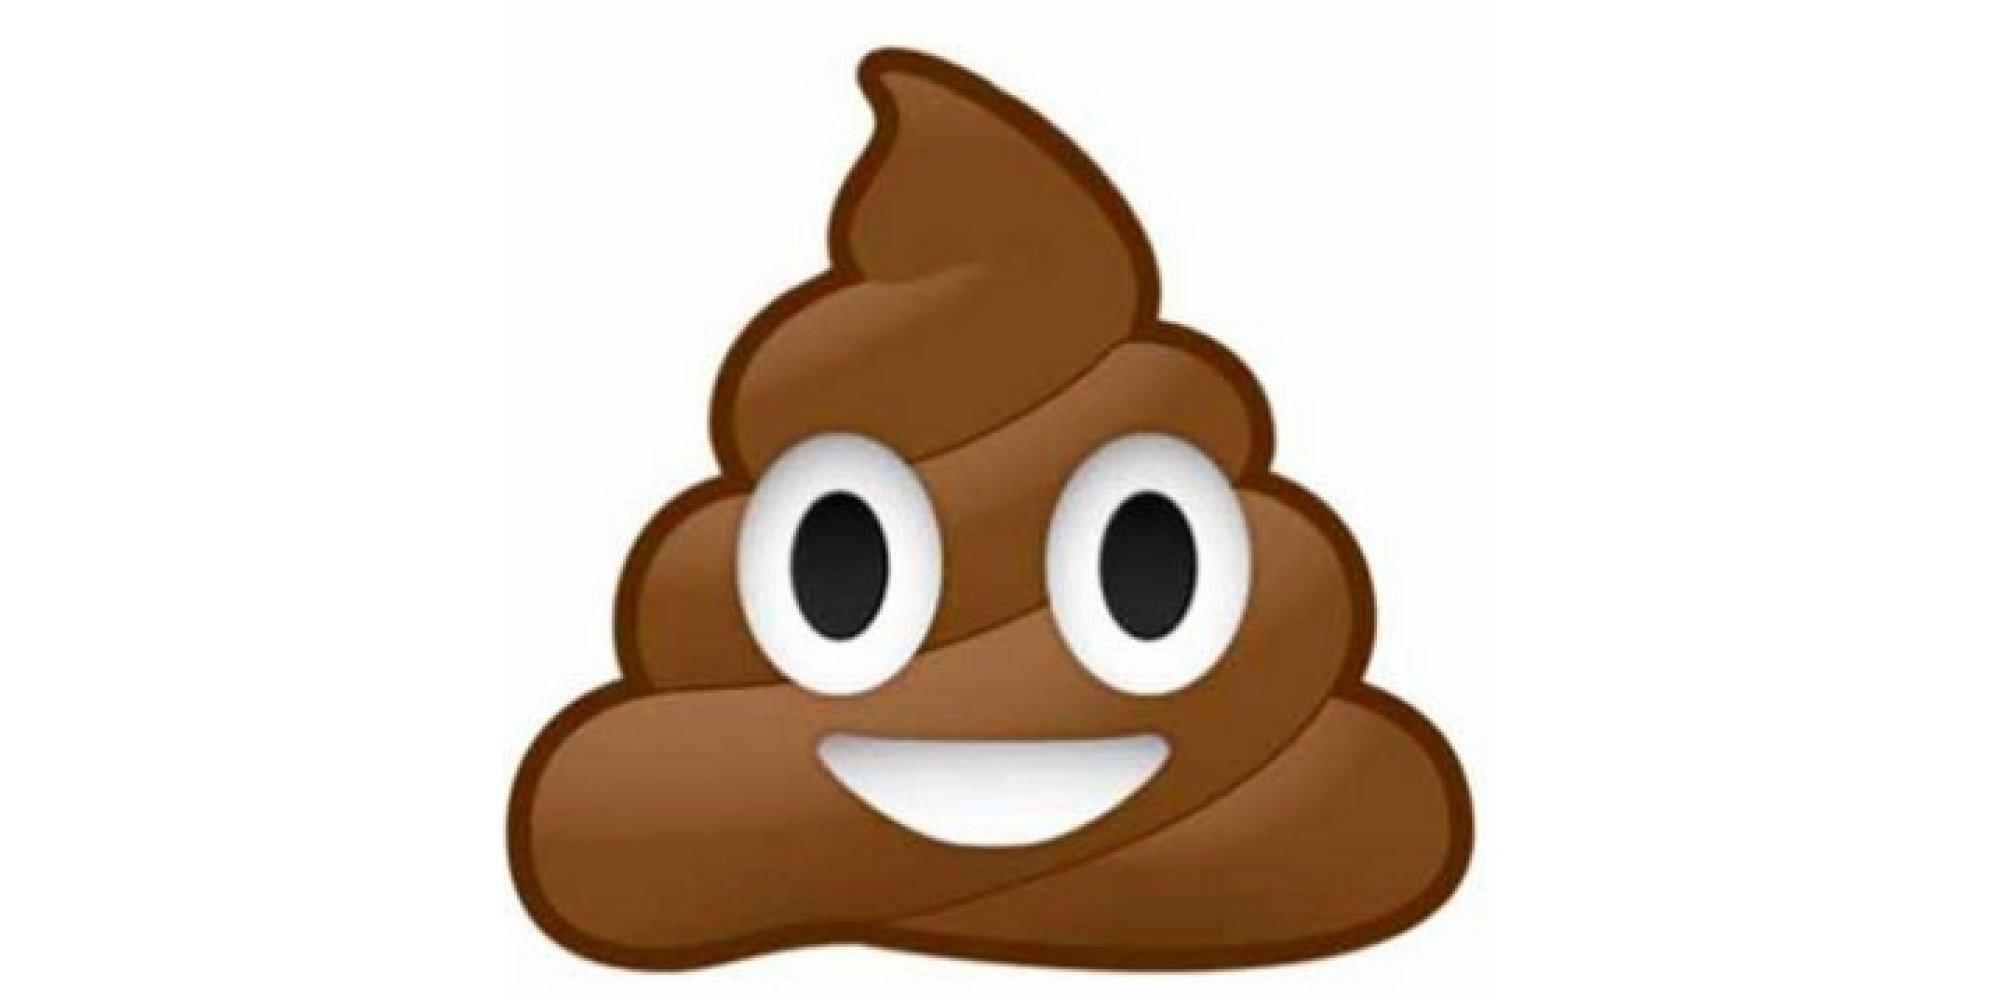 Image result for poop emoji